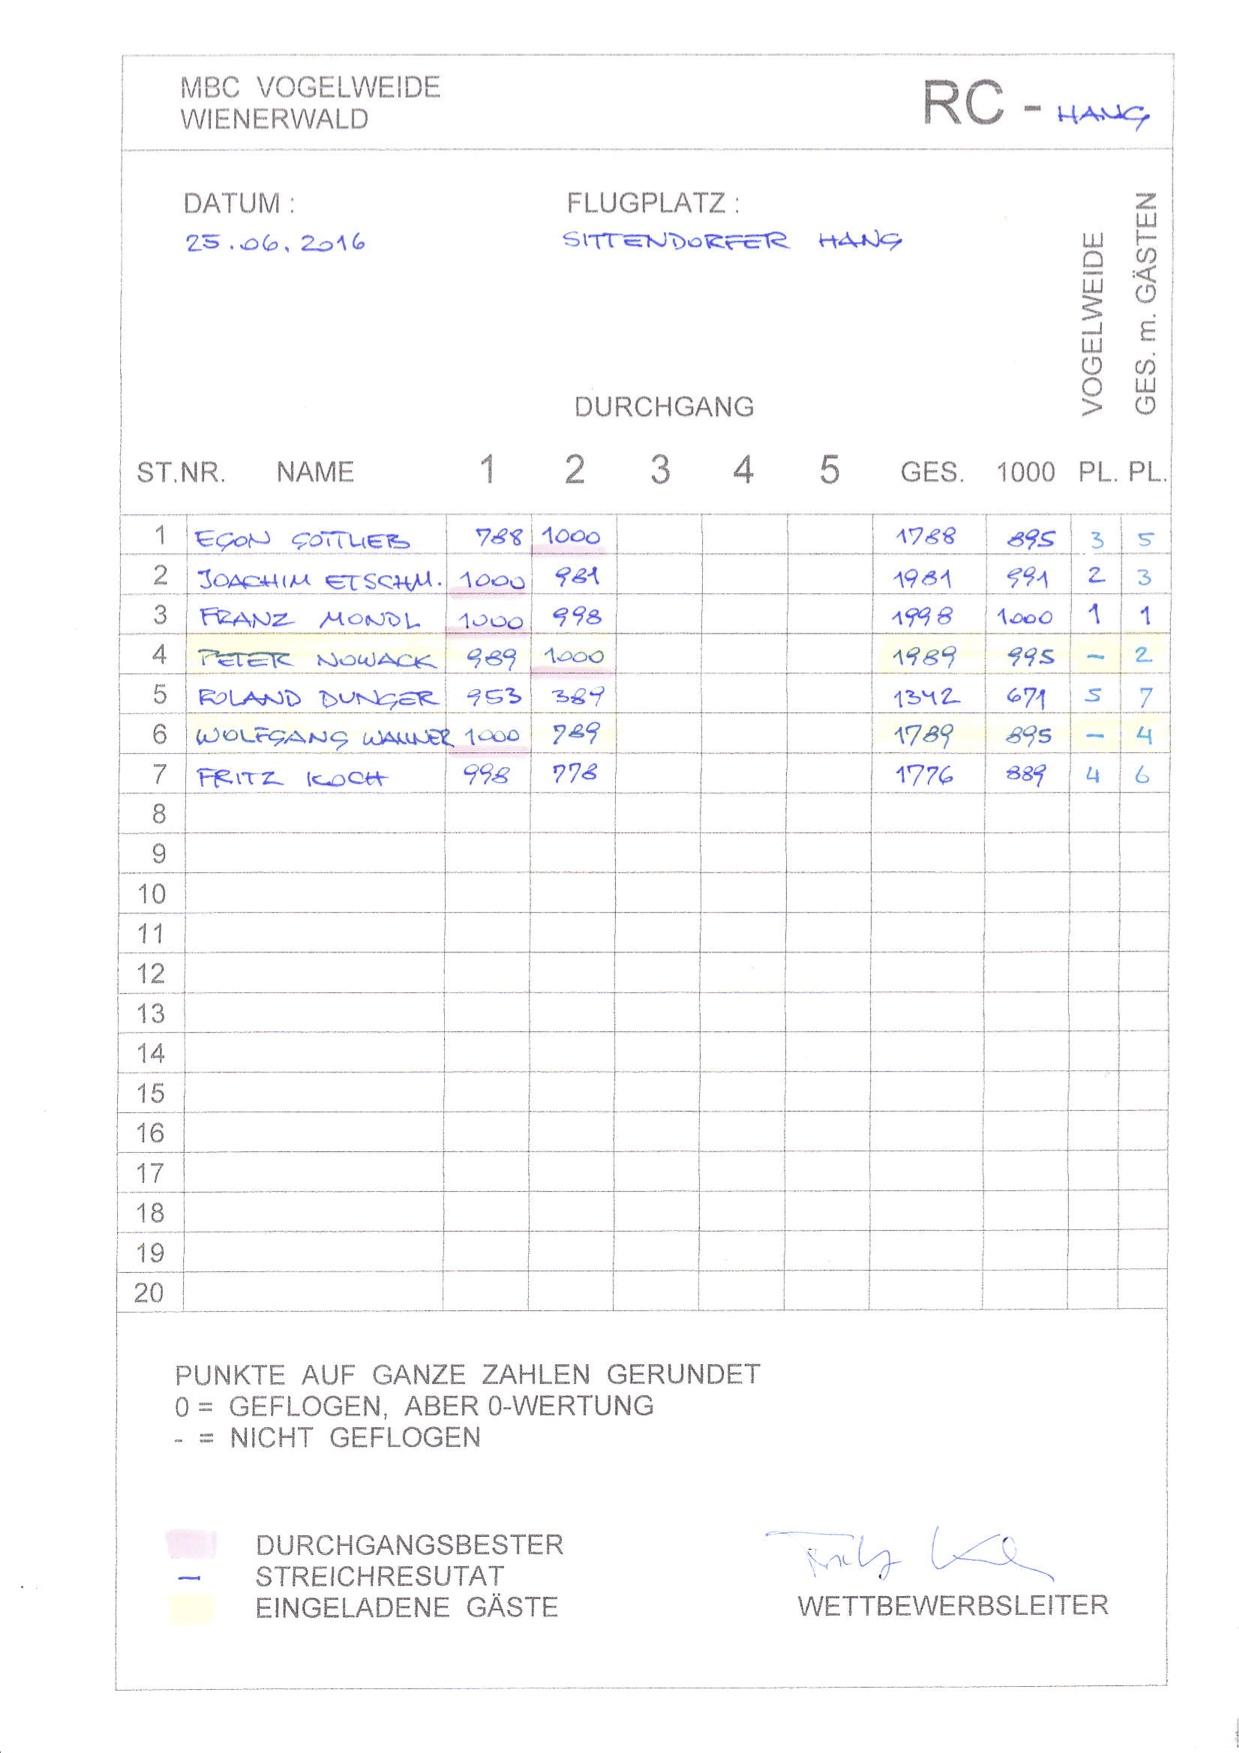 2016.06.25_Hang_Ergebnis